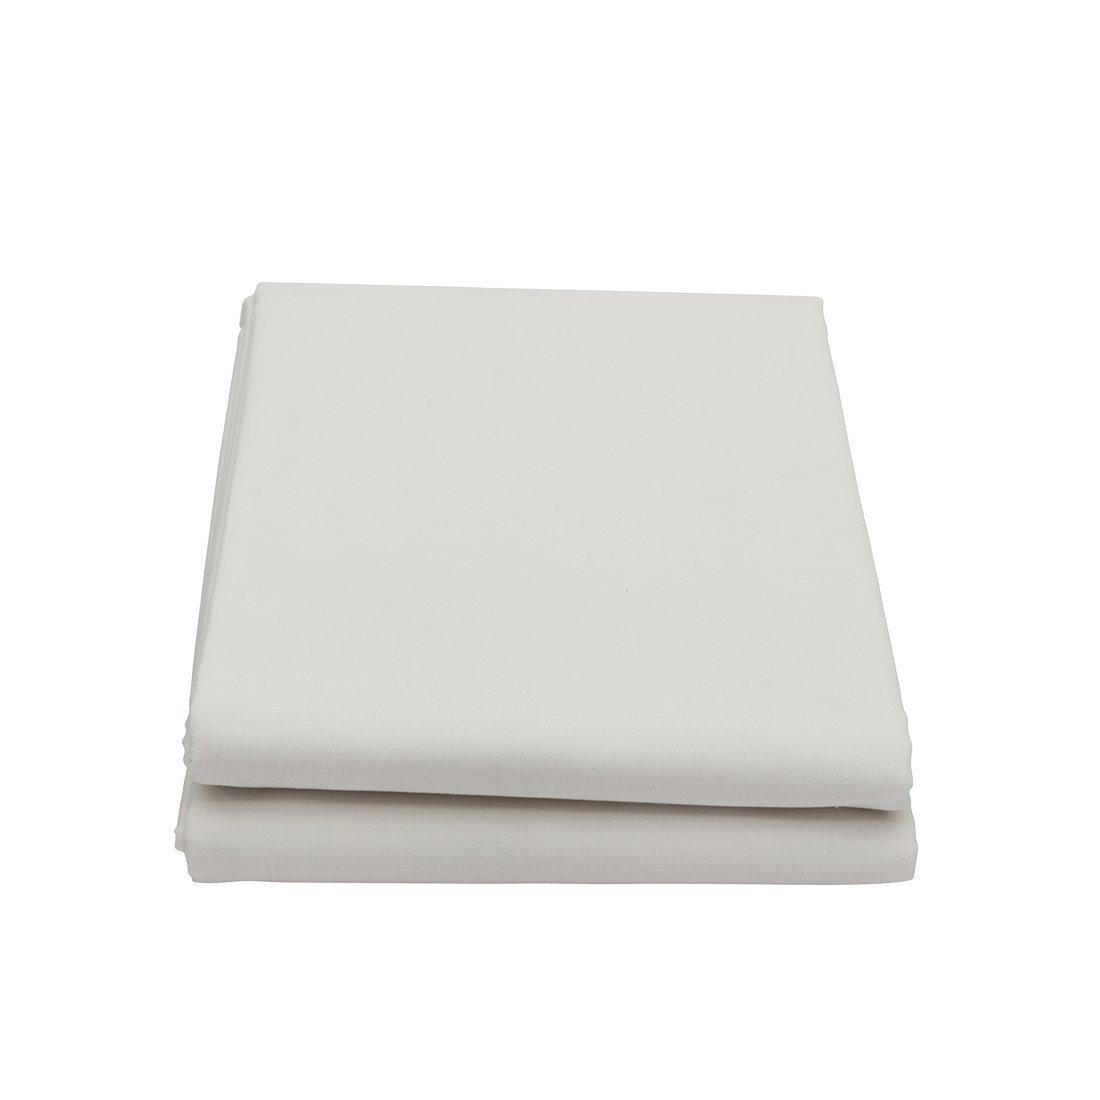 Sábana bajera ajustable para cama de aire, cómoda, blanca ...